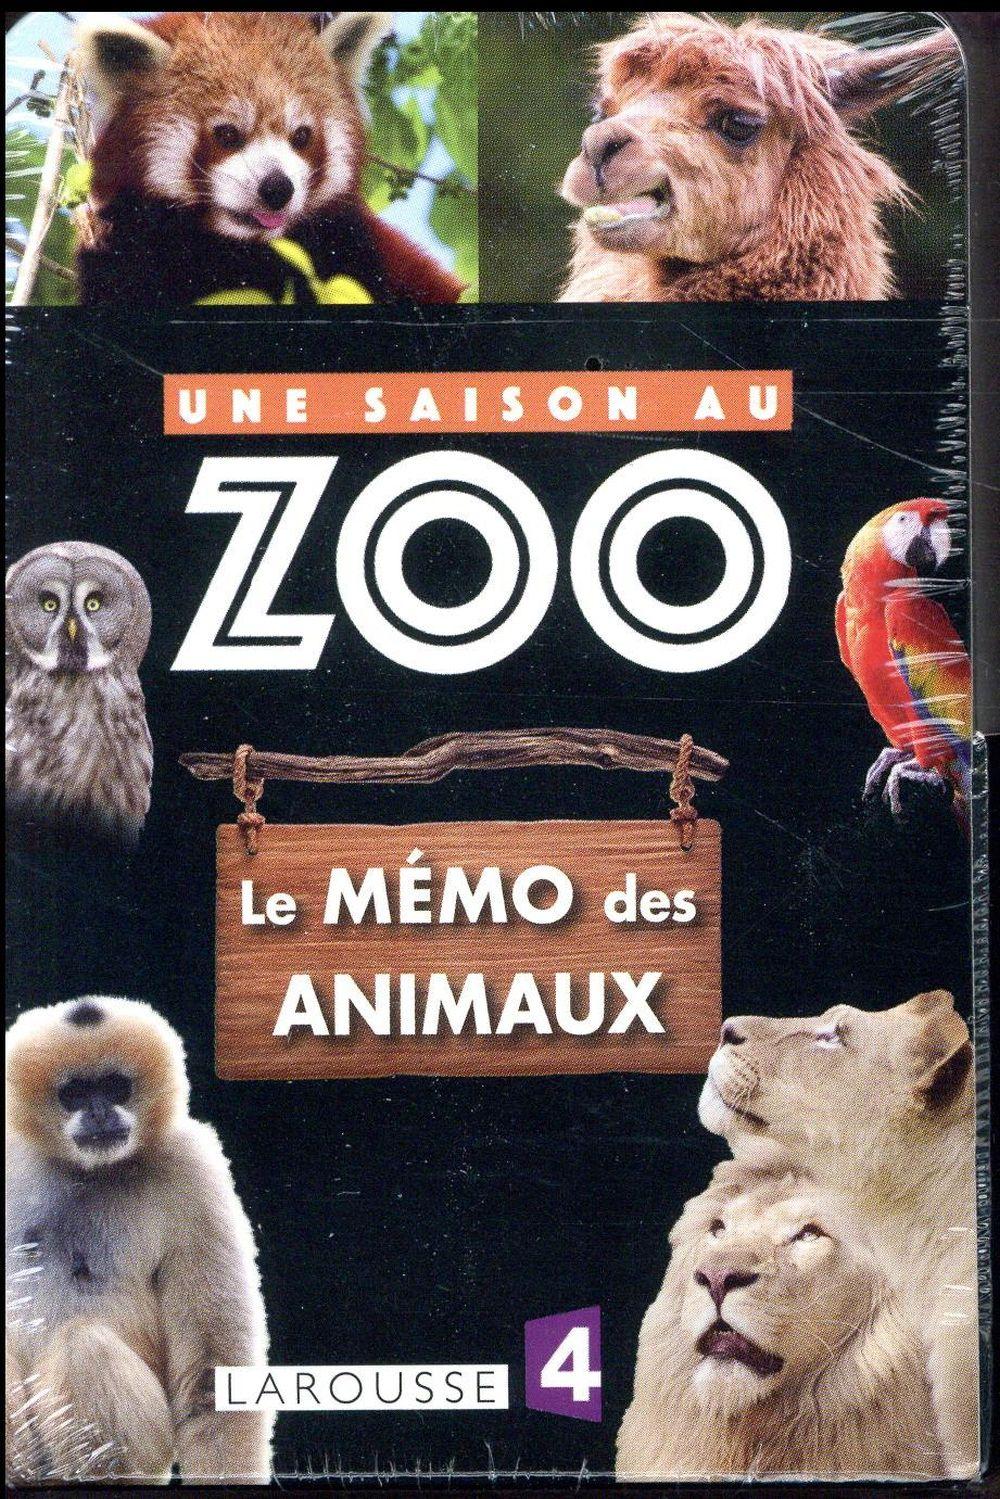 UNE SAISON AU ZOO  -  LE MEMO DES ANIMAUX XXX Larousse